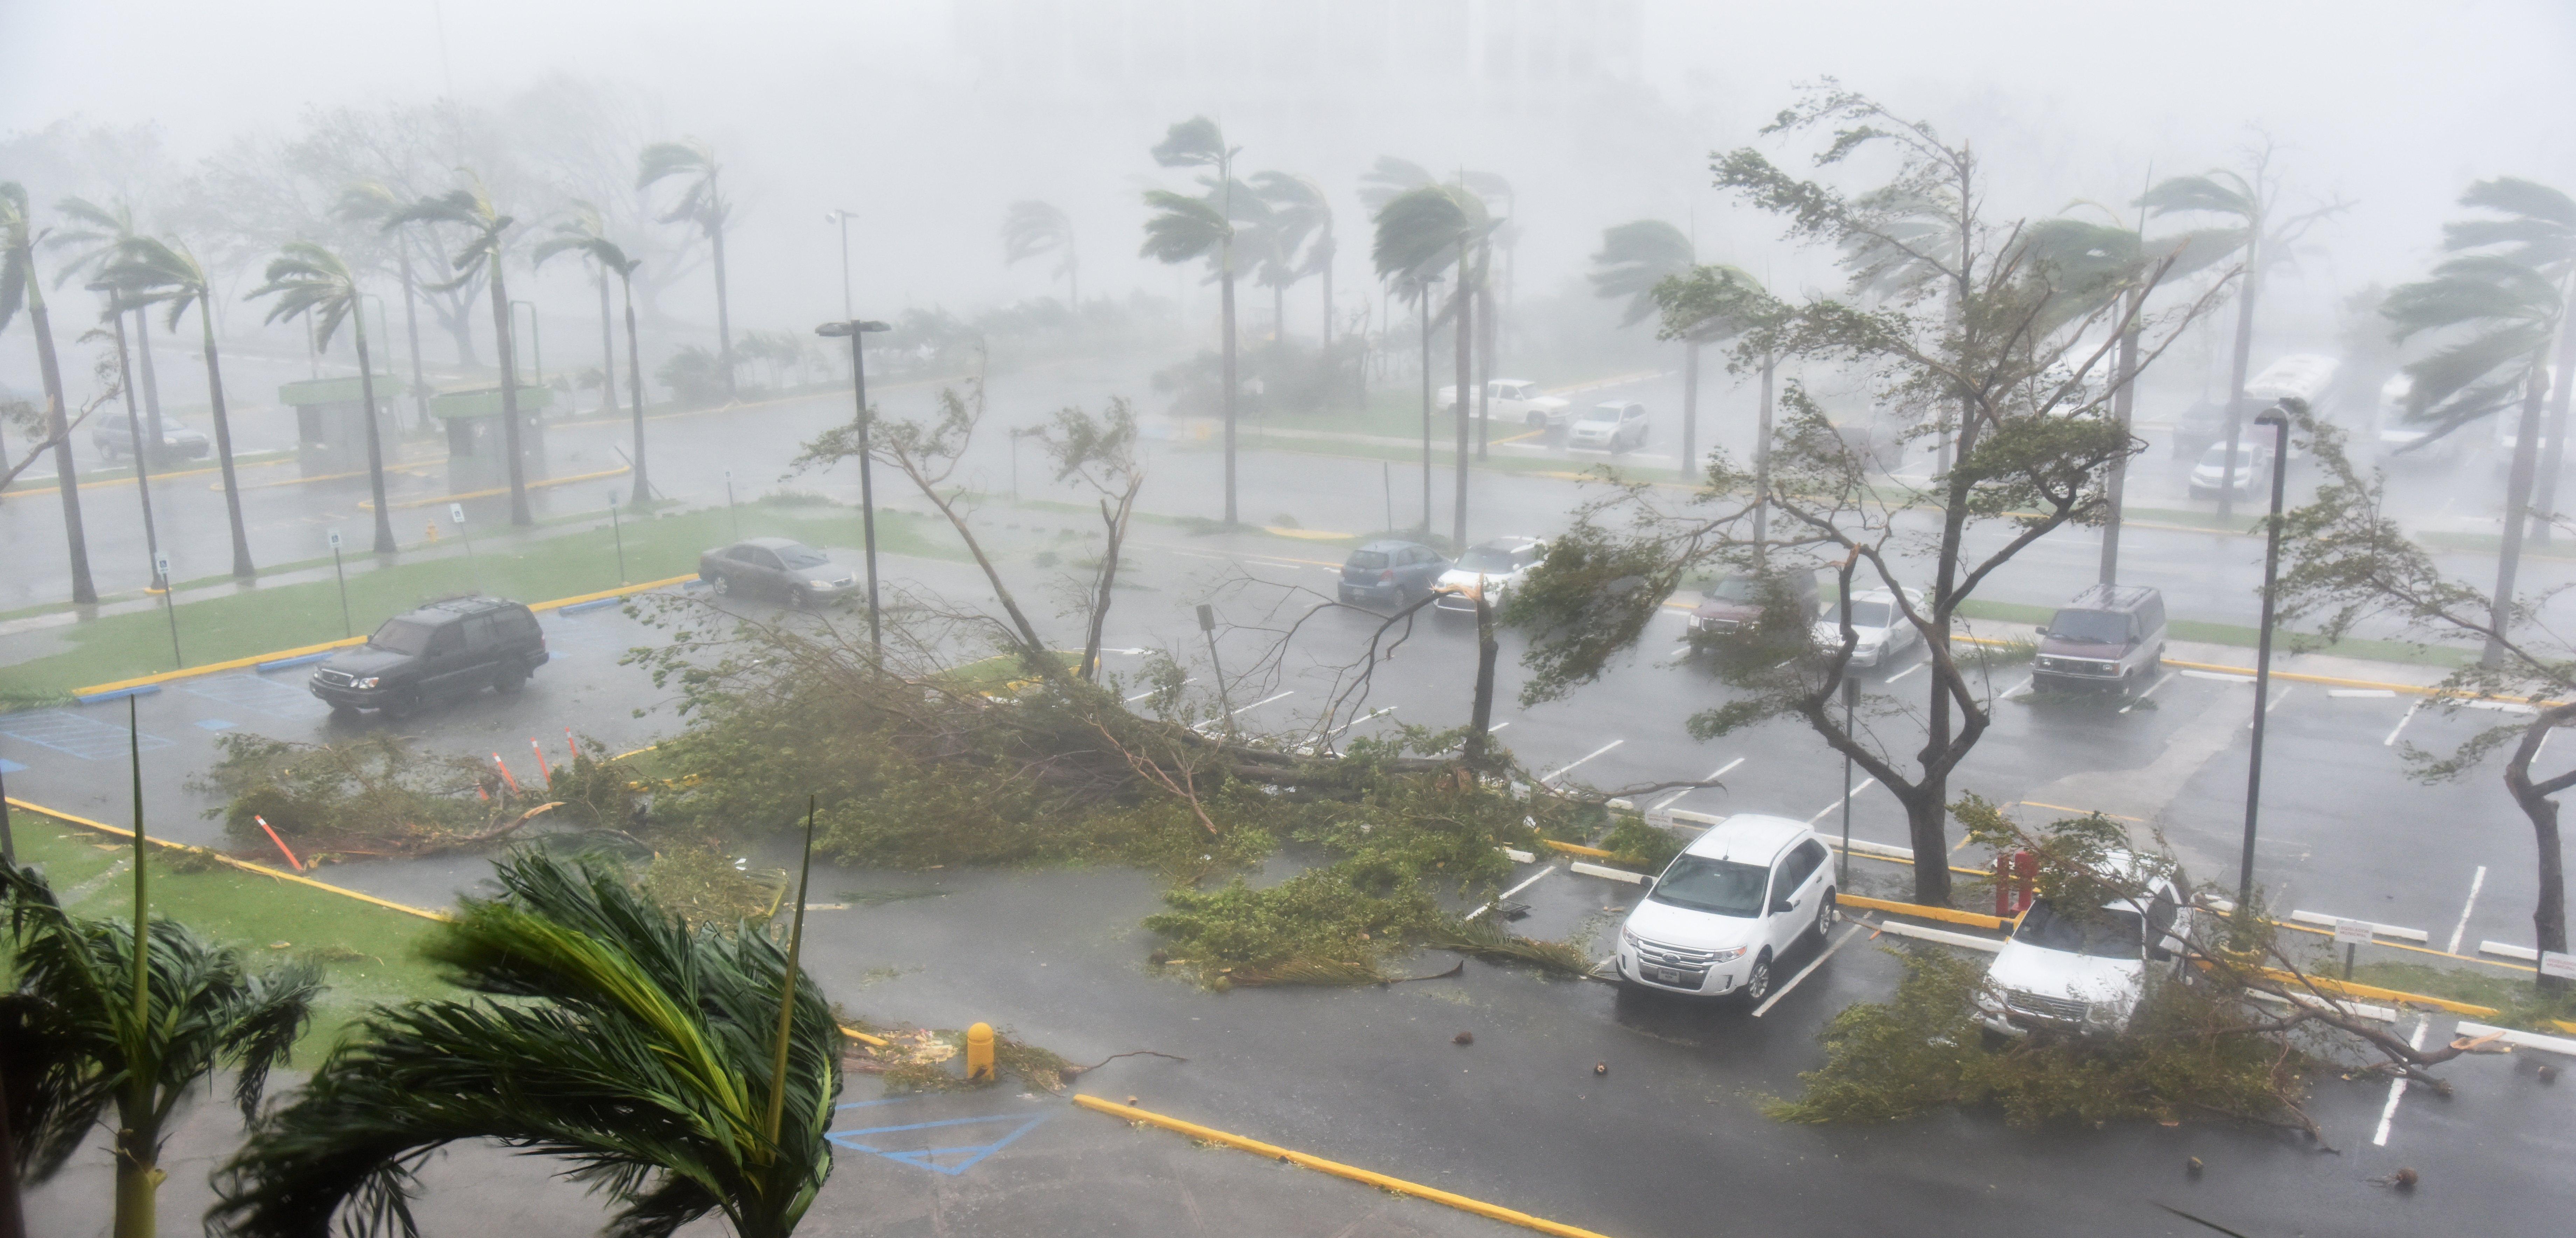 Árboles caídos en un estacionamiento tras el paso de Irma por San Juan, Puerto Rico